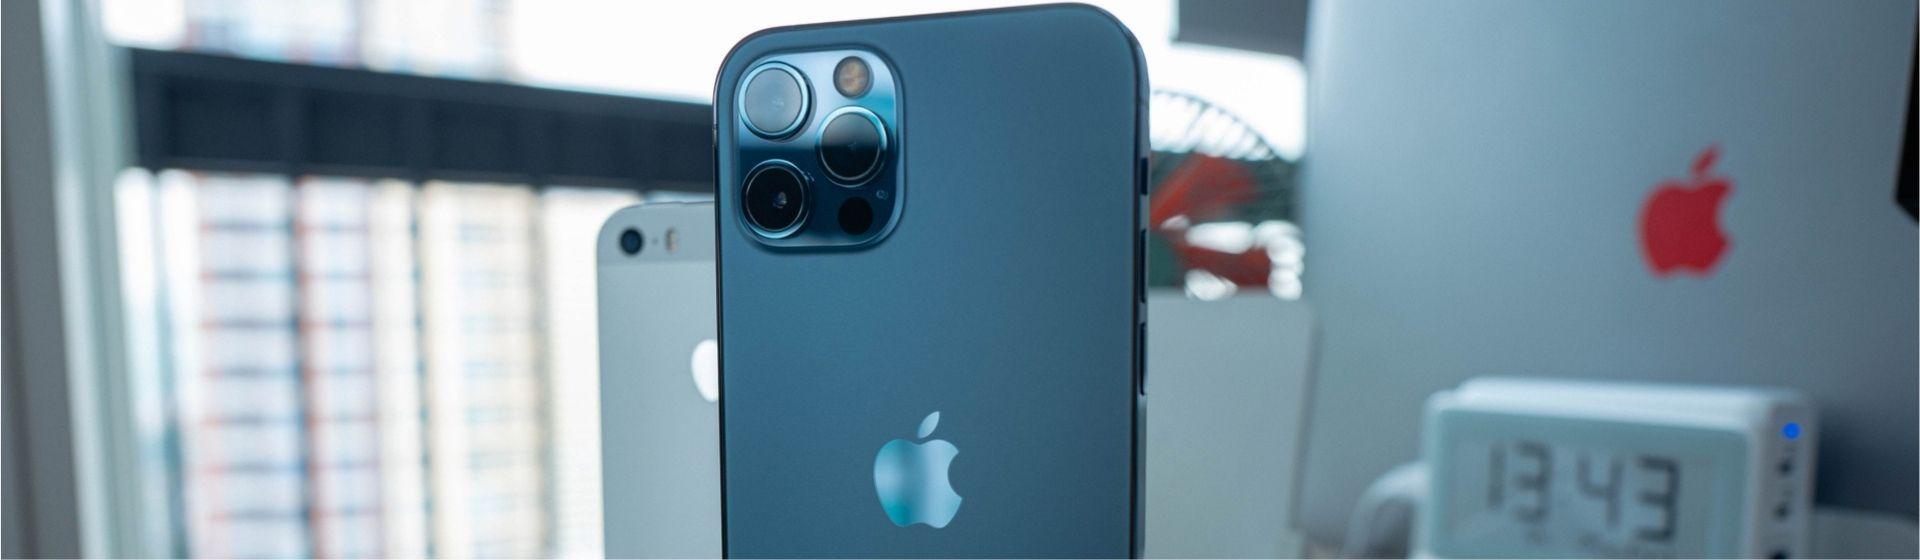 Lembrete iPhone: como configurar e não perder seus compromissos